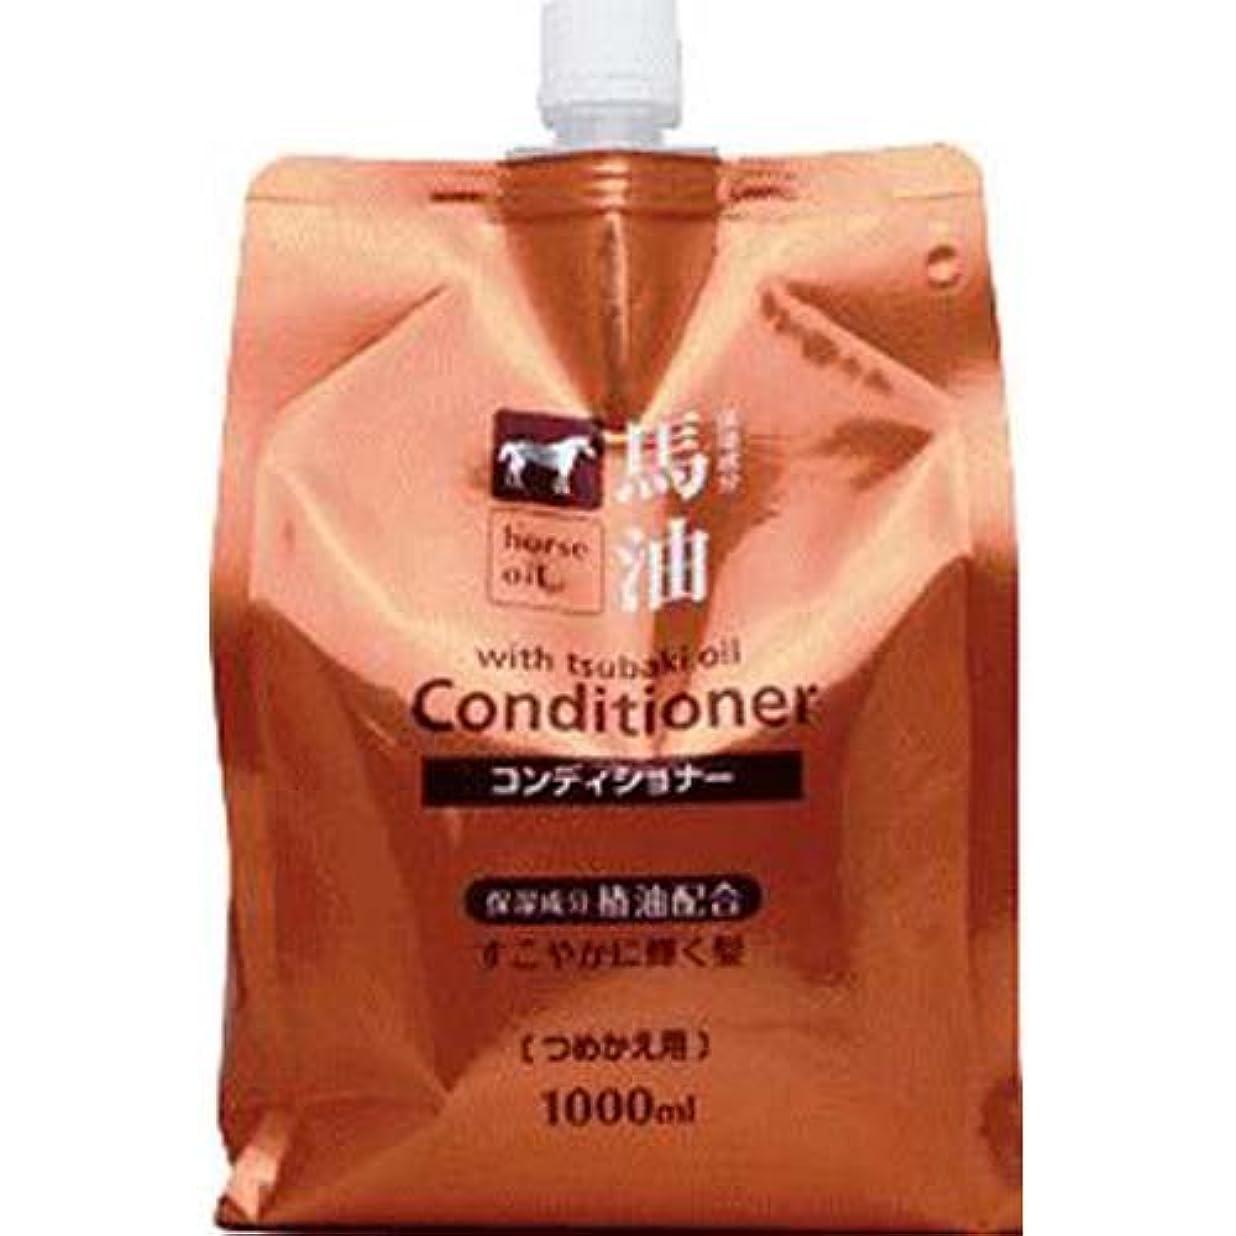 隣接するかどうか検出する熊野油脂 馬油コンディショナー つめかえ用 1000ml